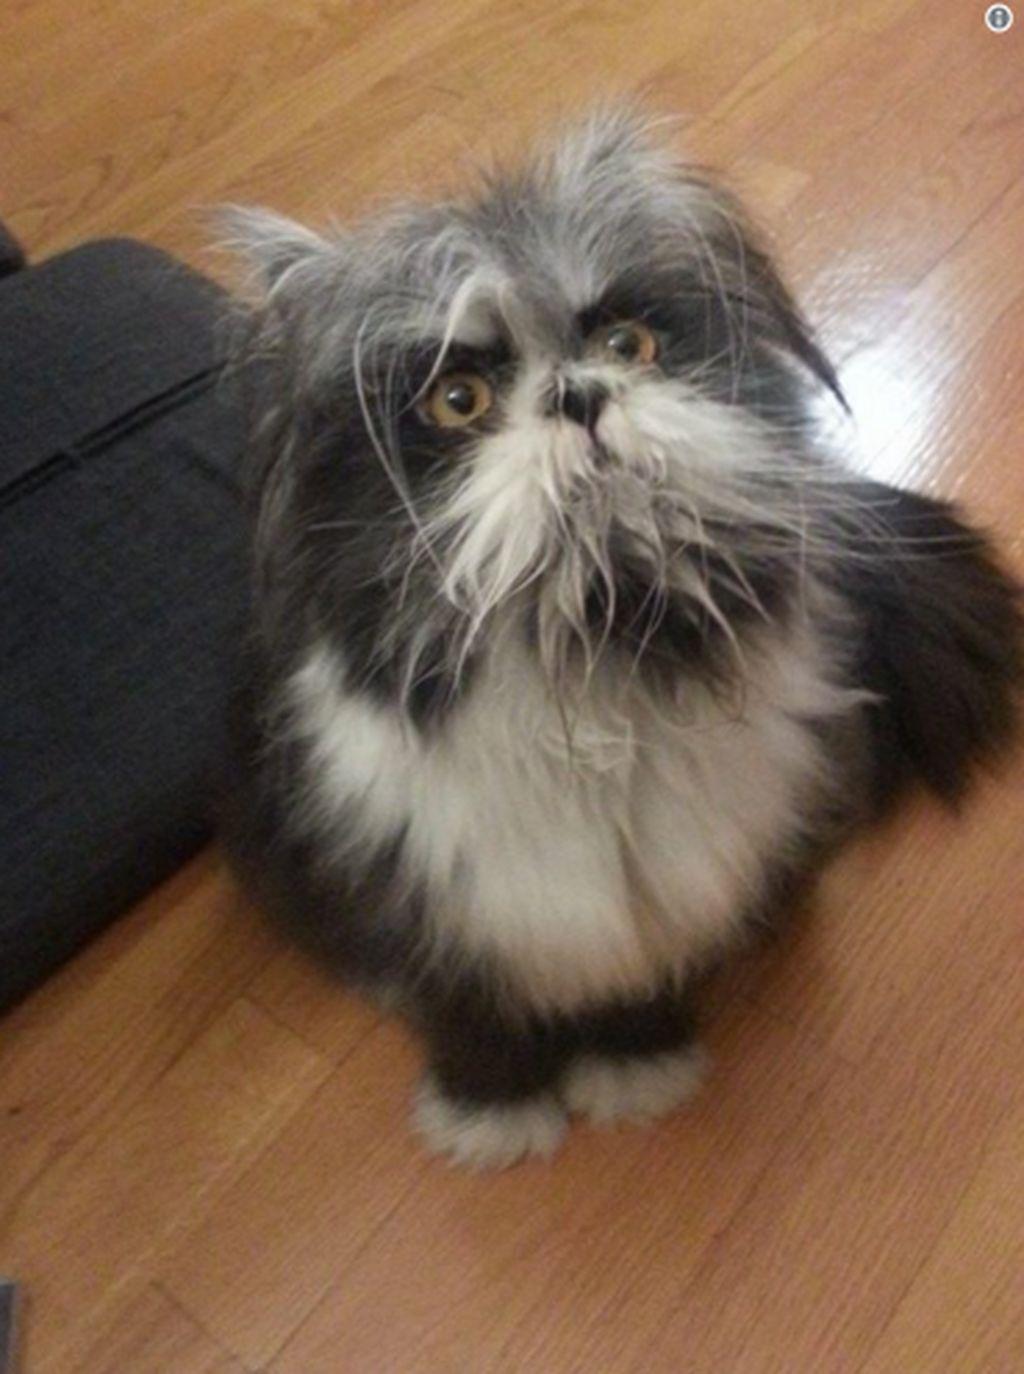 Jawabannya adalah Kucing, kucing bernama Atchoum ini menjadi viralkarena sebuah sindrom langka yang dimilikinya, sehingga tampak seperti anjing. (Foto: Internet)